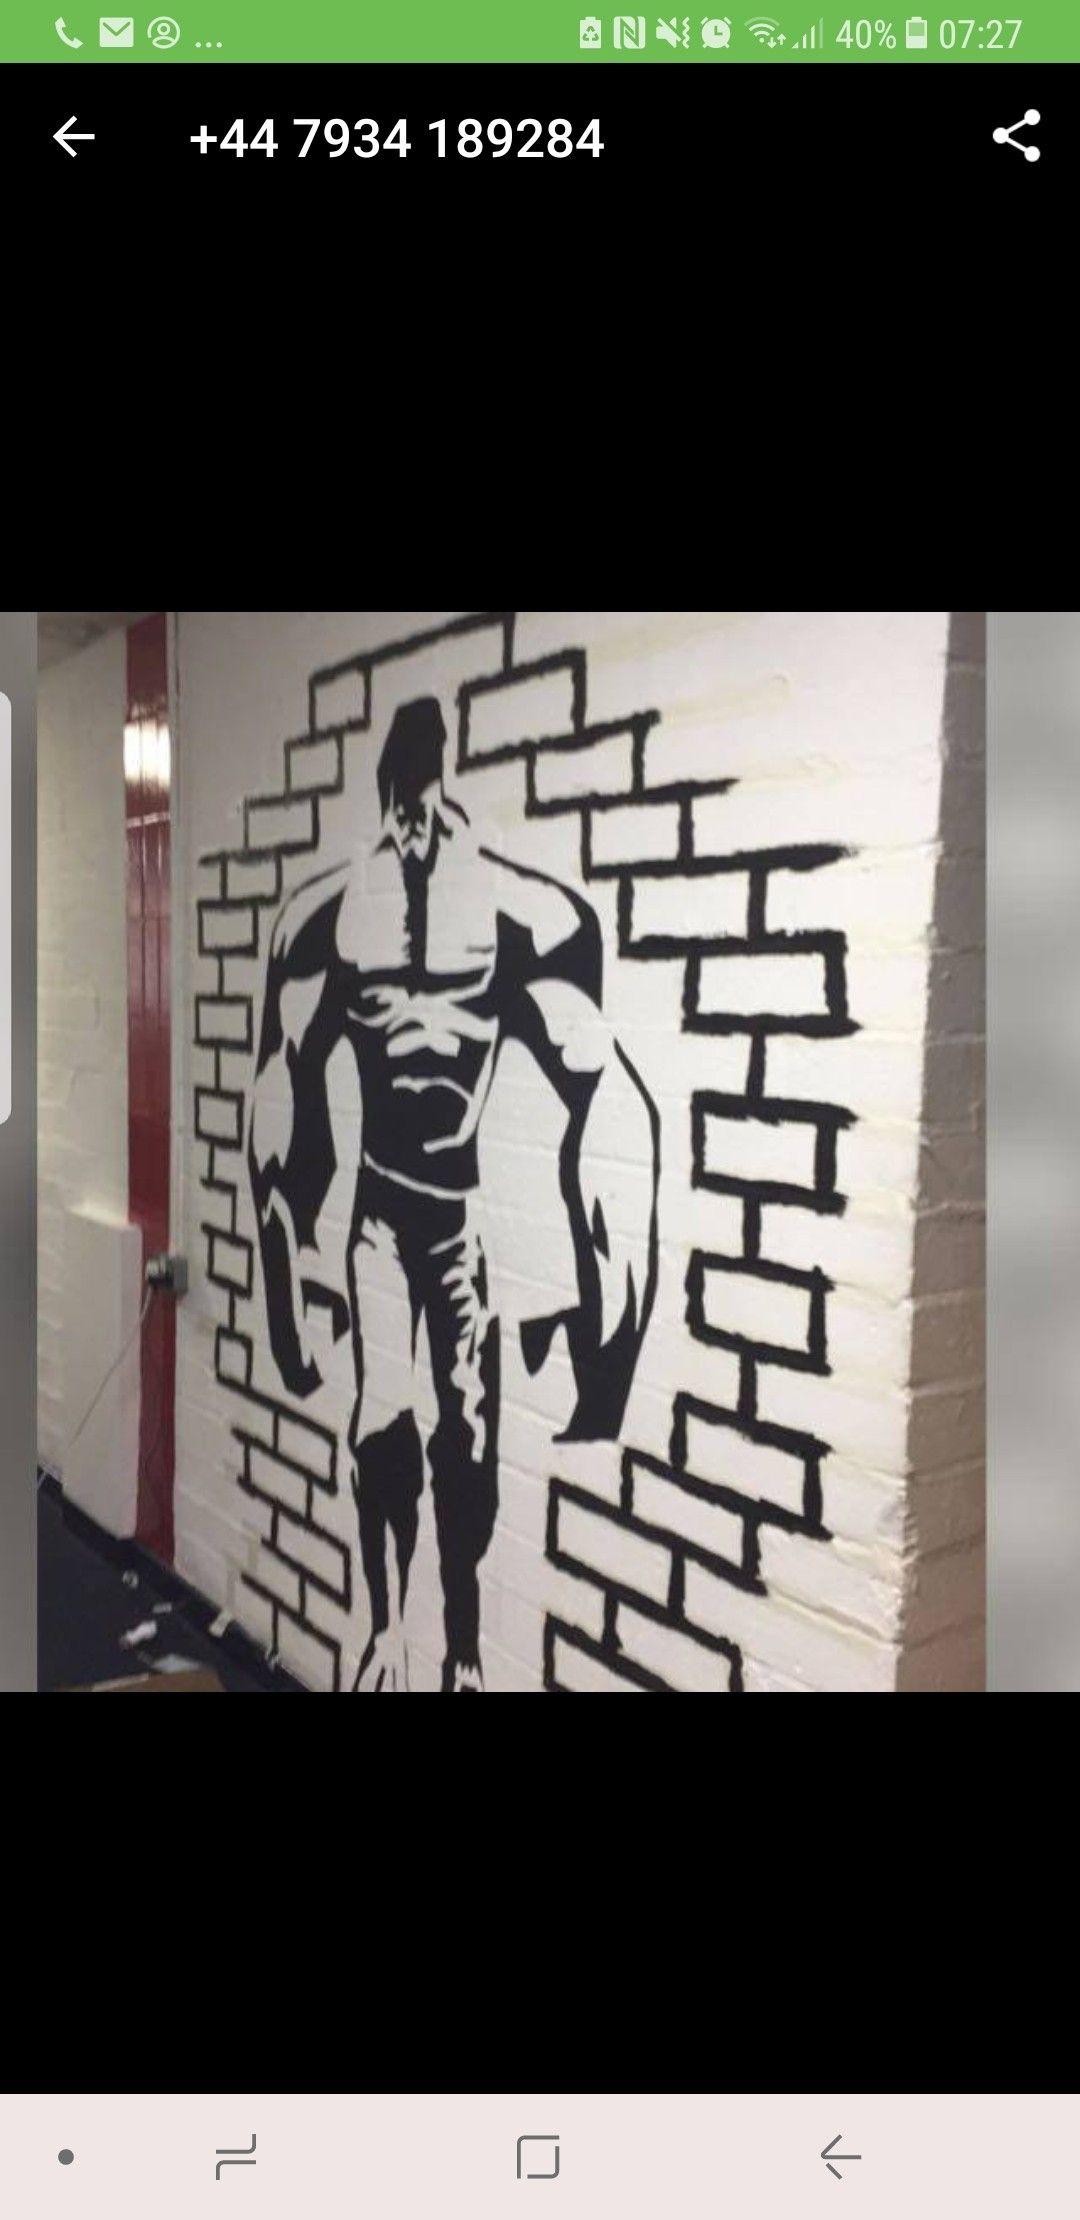 Kaseerashraf wallart gym outlinegymbolton gym wall art